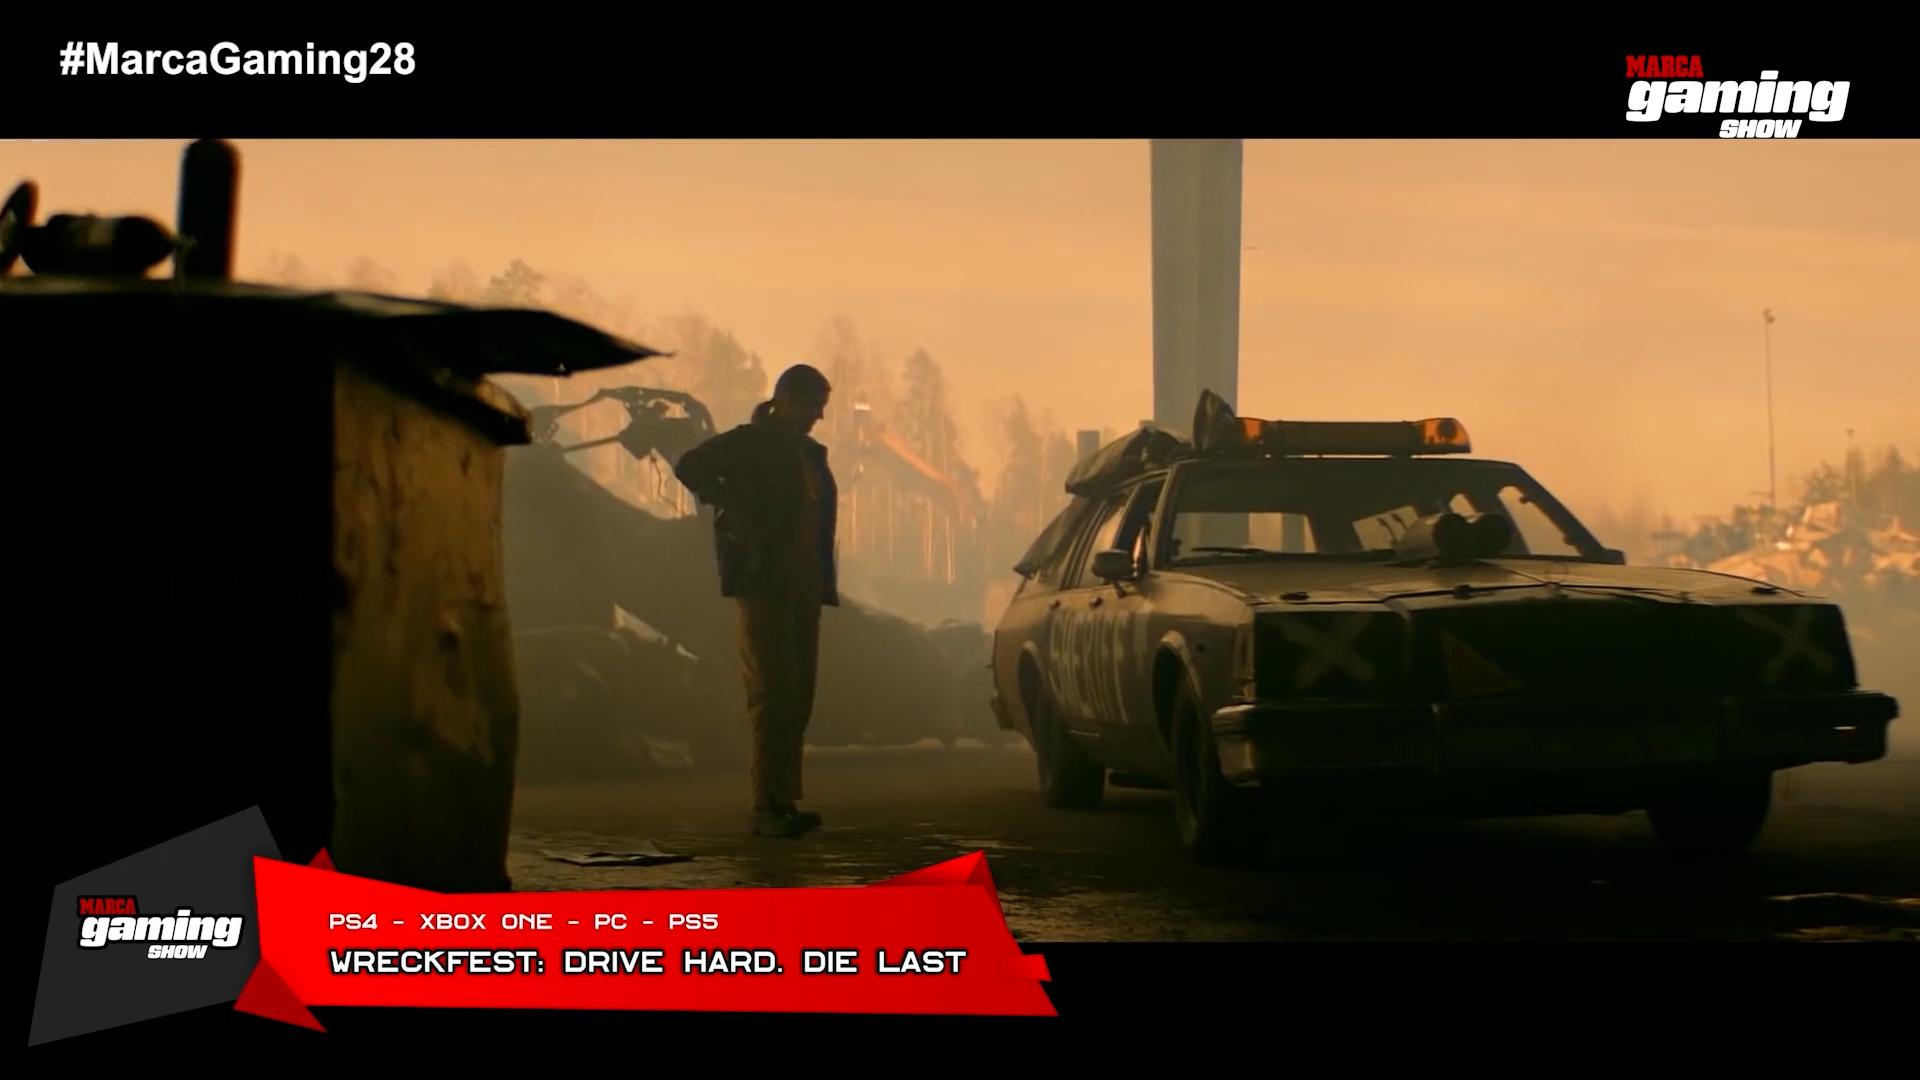 Wreckfest: Drive Fast. Die Last (PS5)